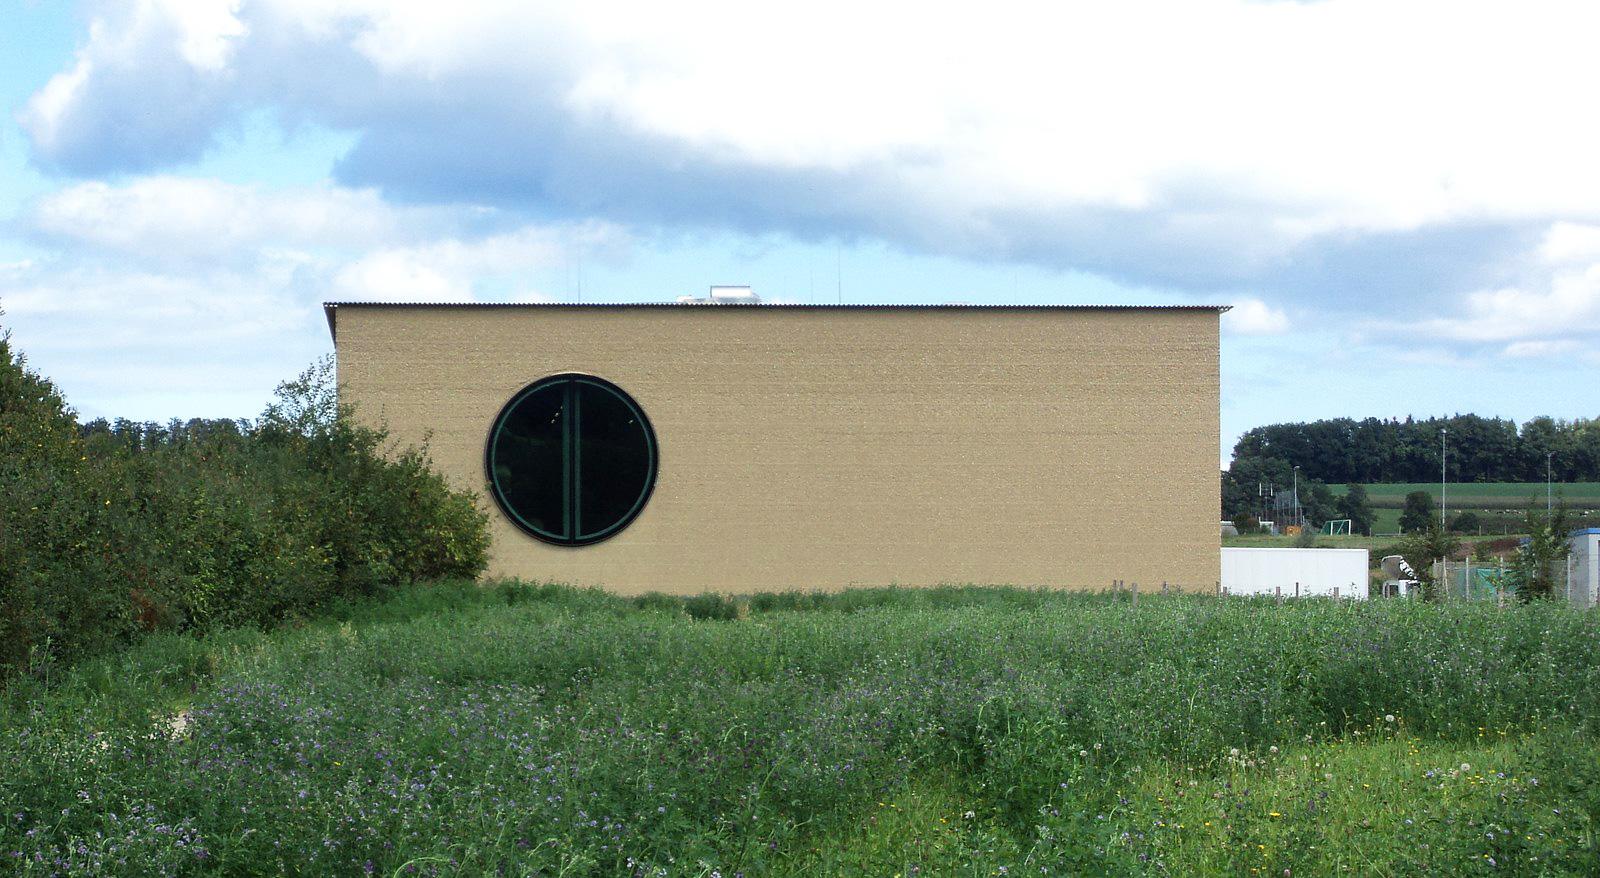 Das Kräuterzentrum der Ricola. Die Wände bestehen aus Stampflehm-Elementen.